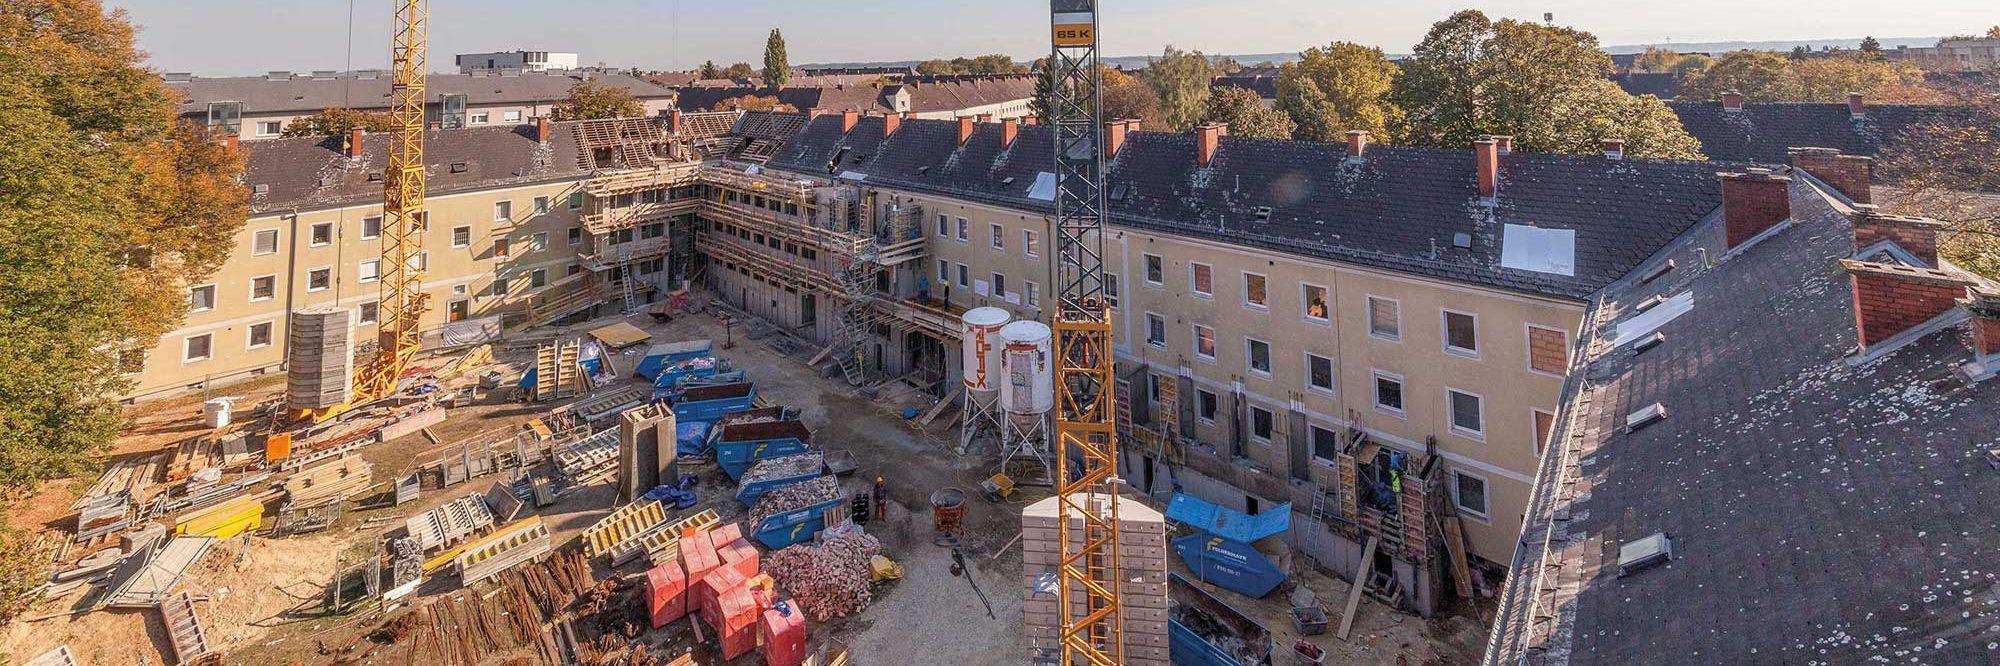 Revitalisierung von Kriegsbauten Slider